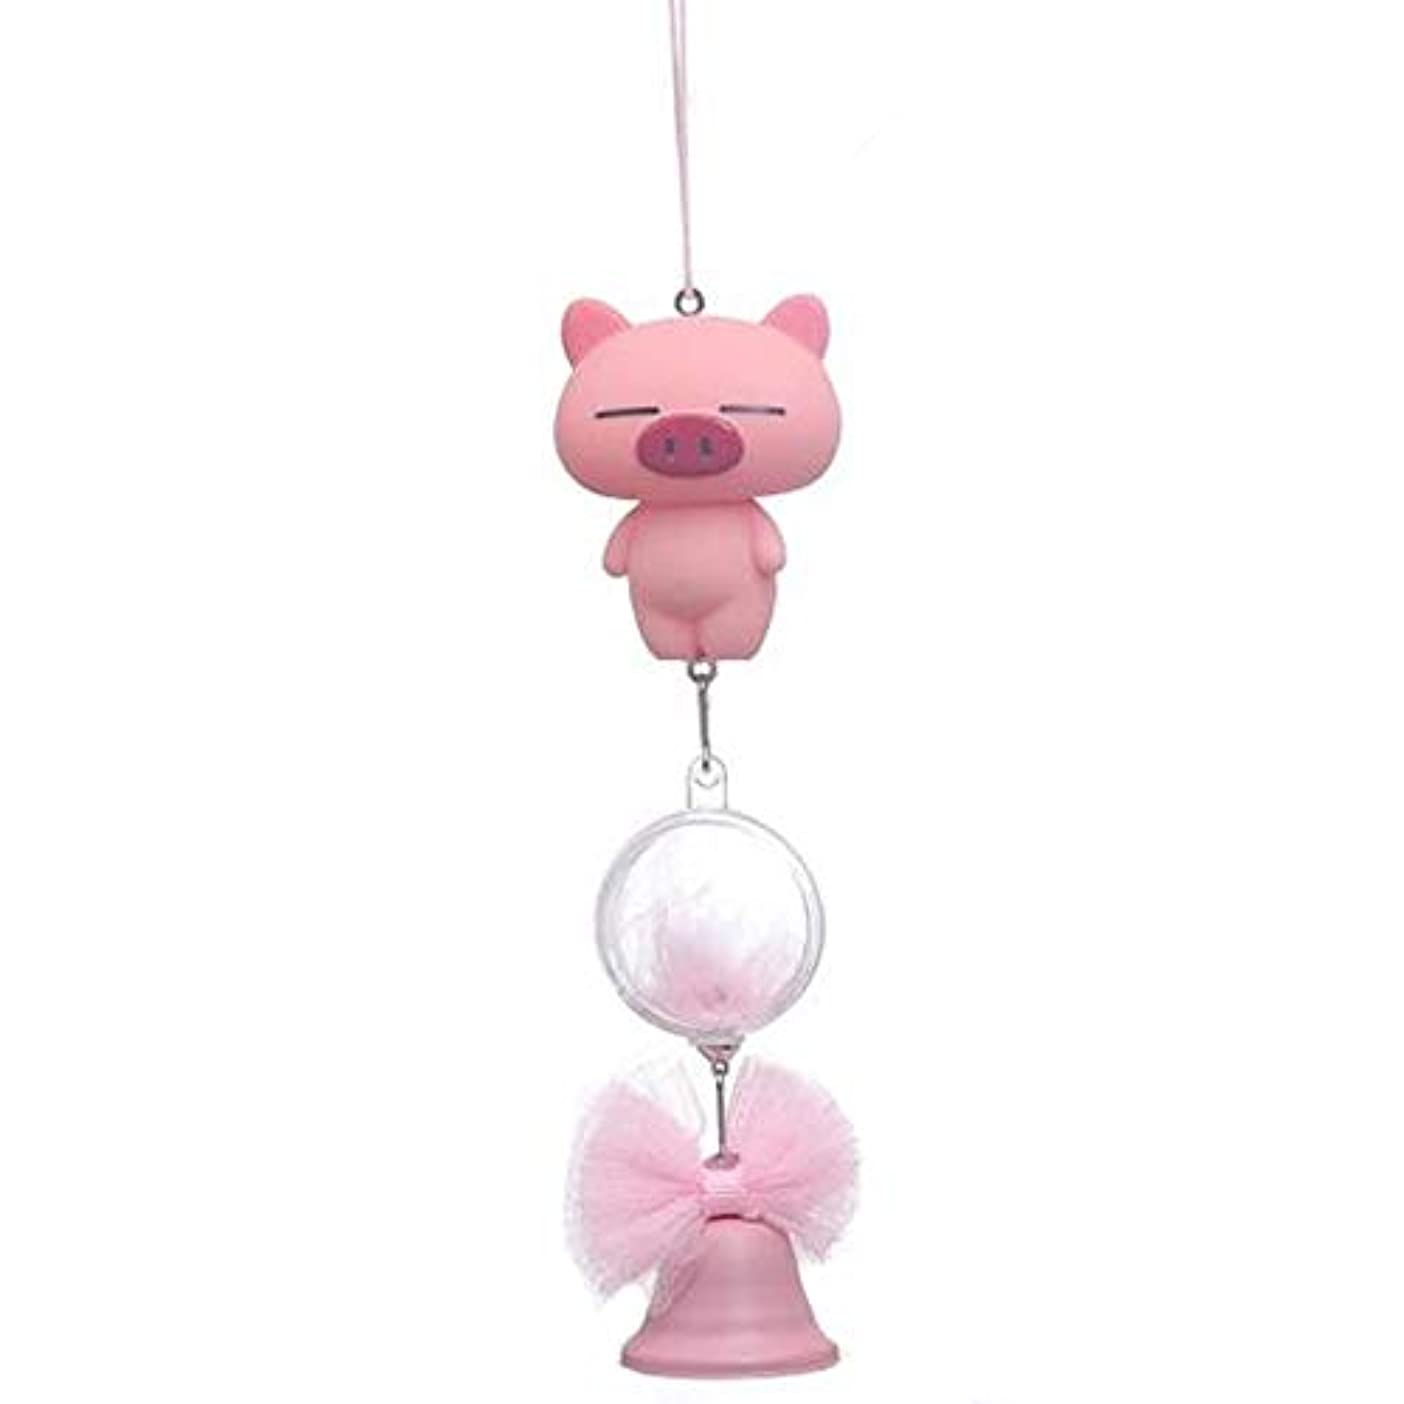 タブレット次Hongyuantongxun 風チャイム、シリコーン素材クリエイティブ豚の風チャイム、パープル、全身について27cmの,、装飾品ペンダント (Color : Pink)